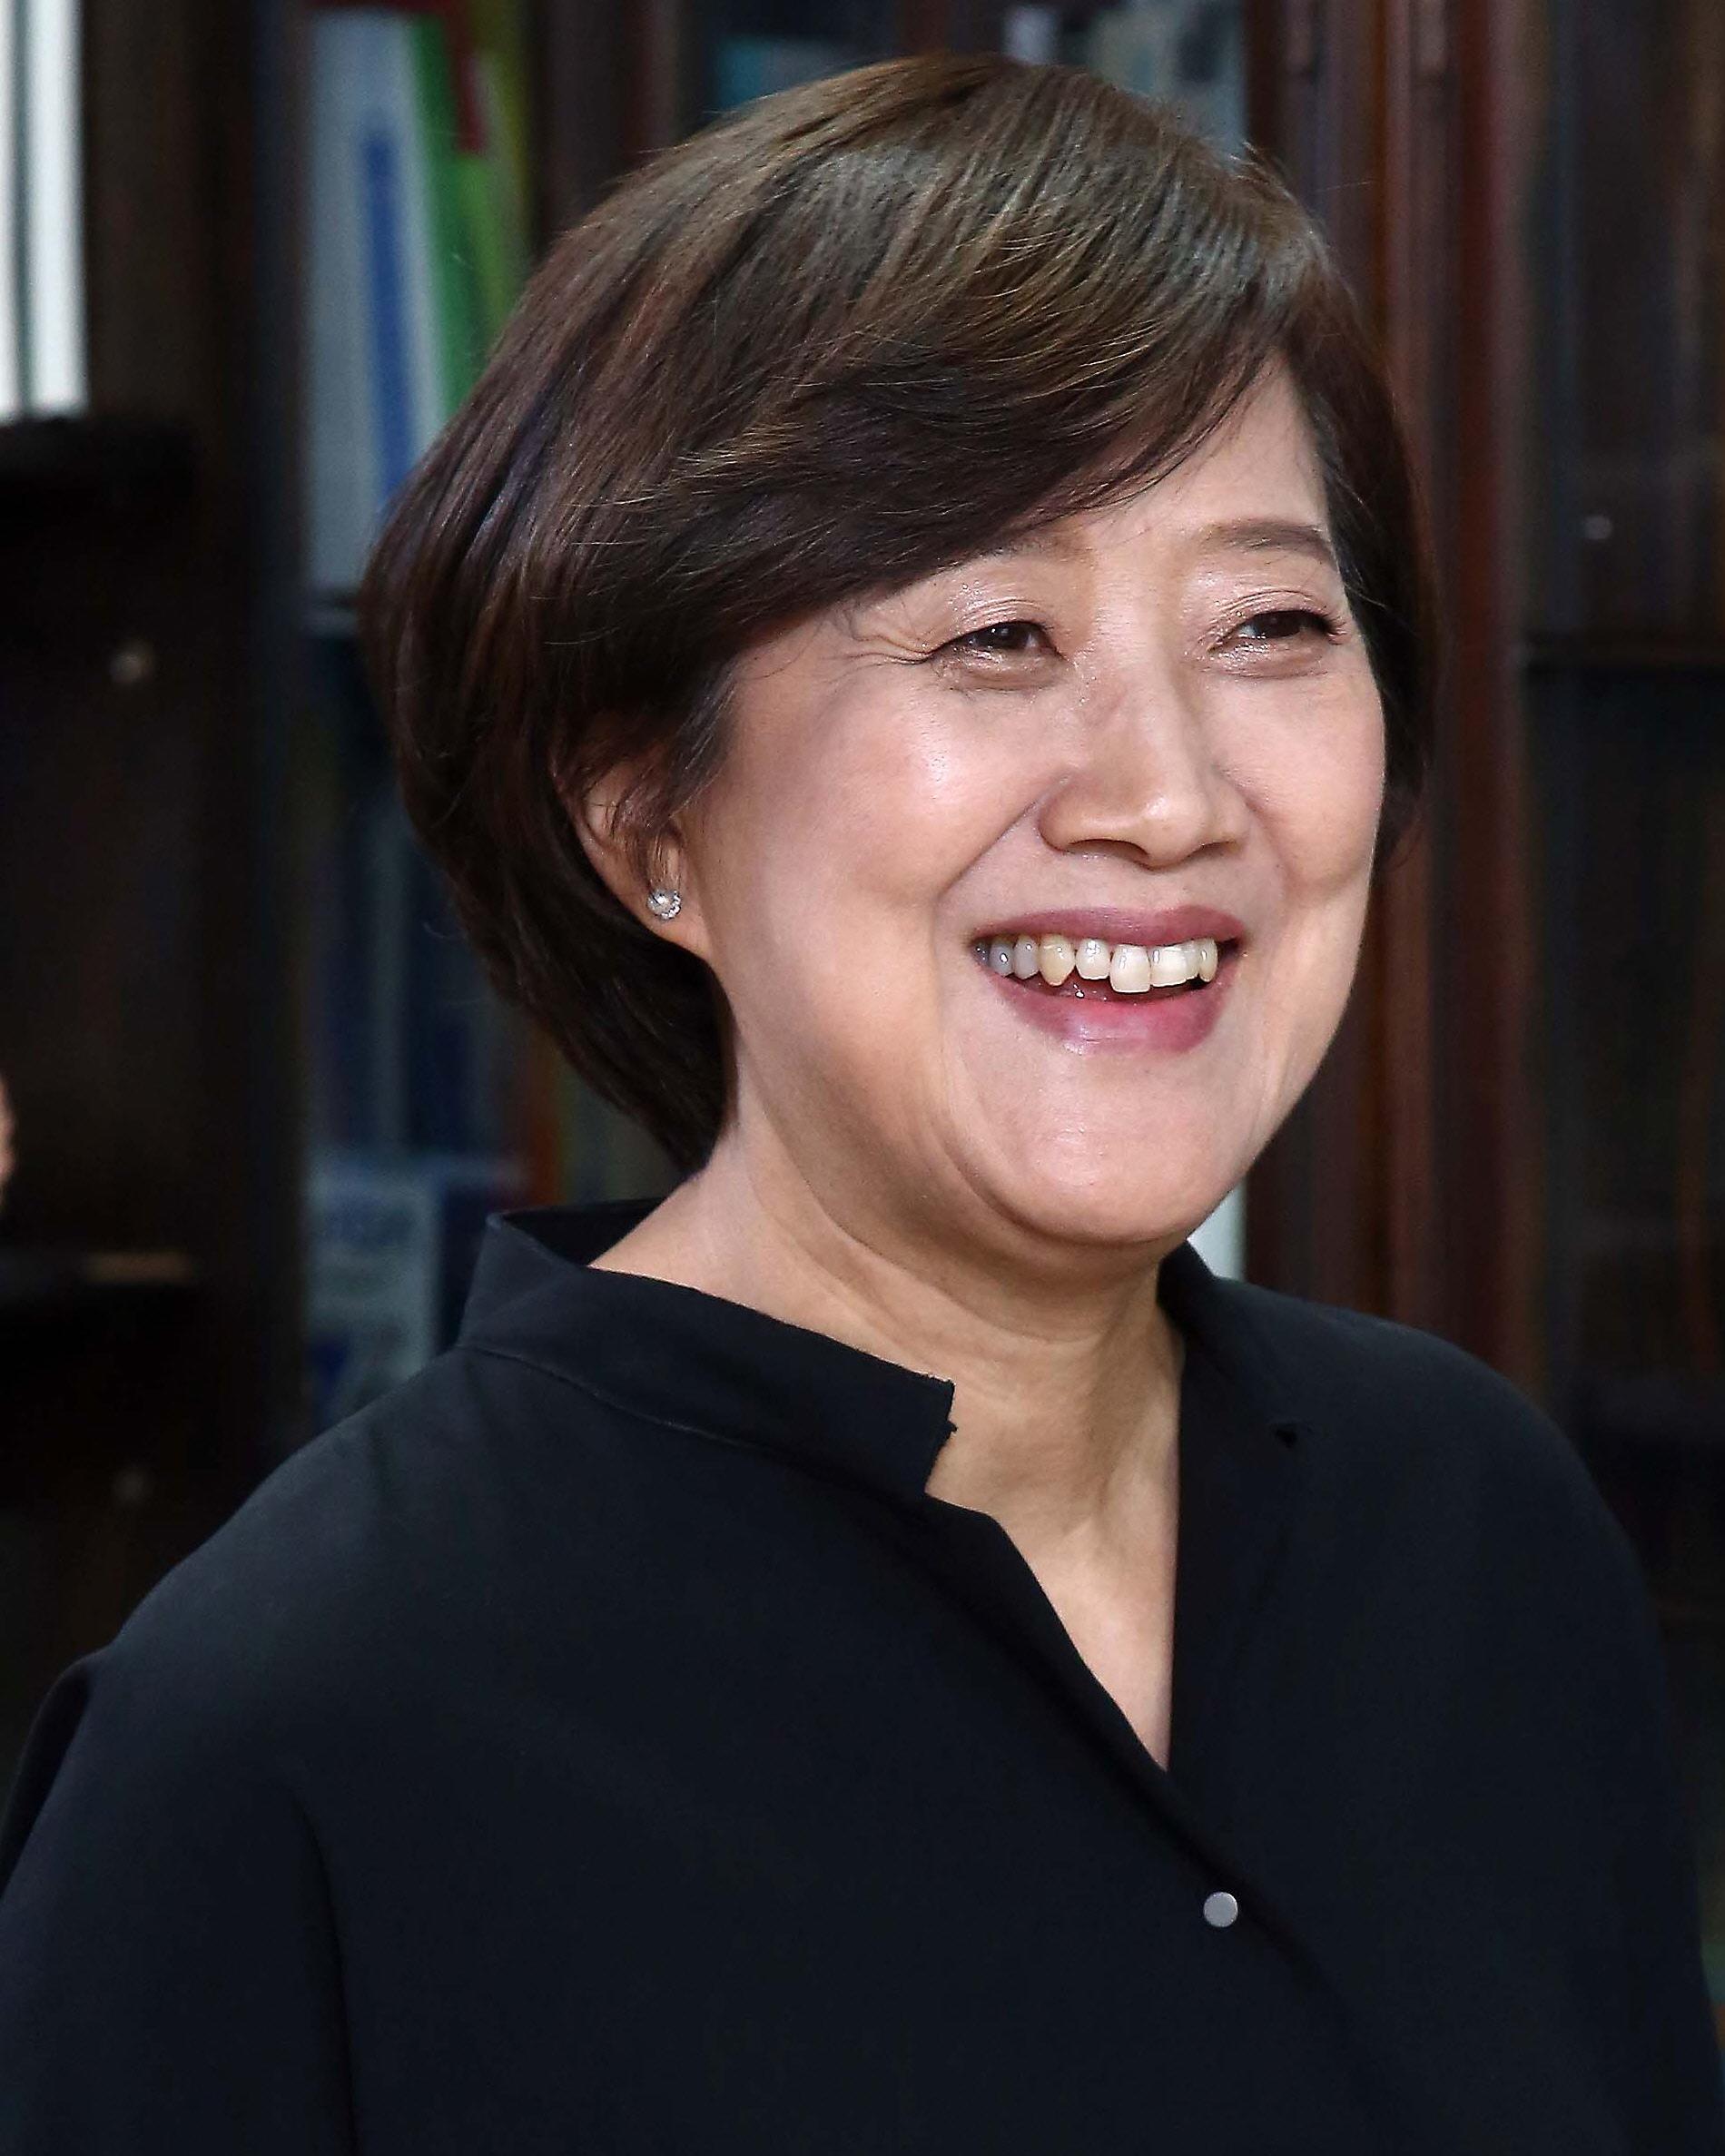 권오란(權五蘭) 교수님 사진